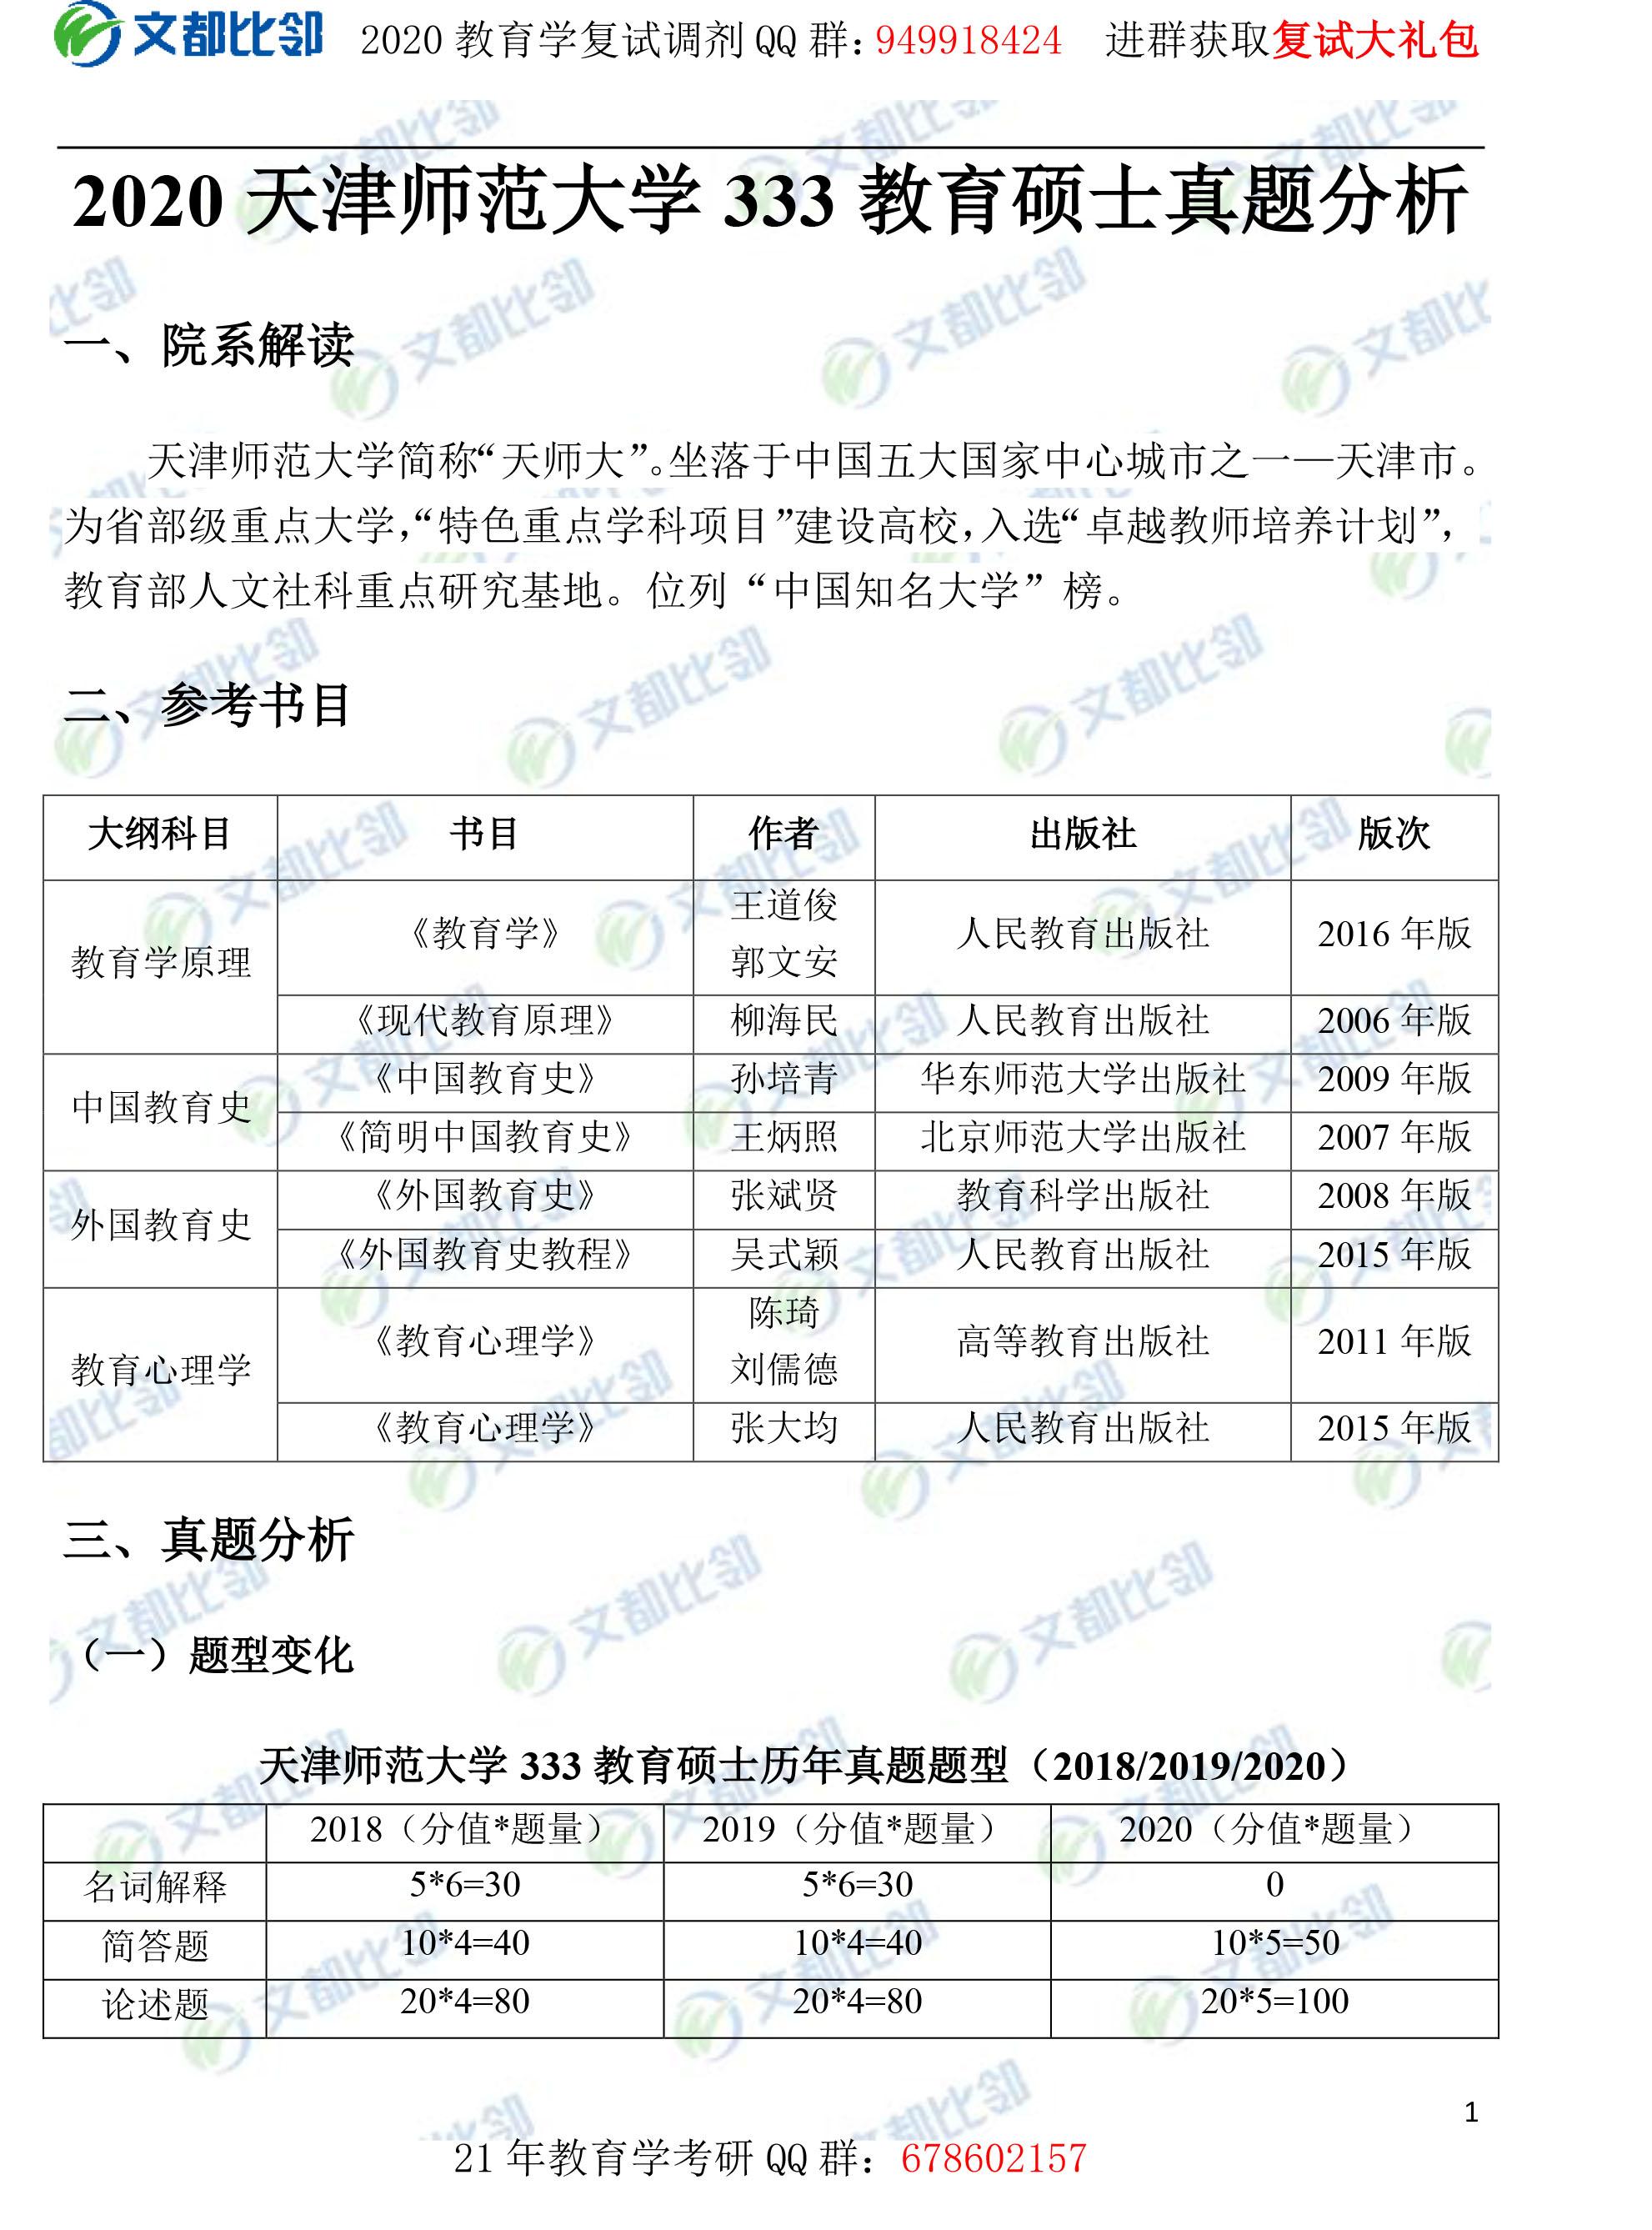 2020年天津师范大学教育硕士333真题分析